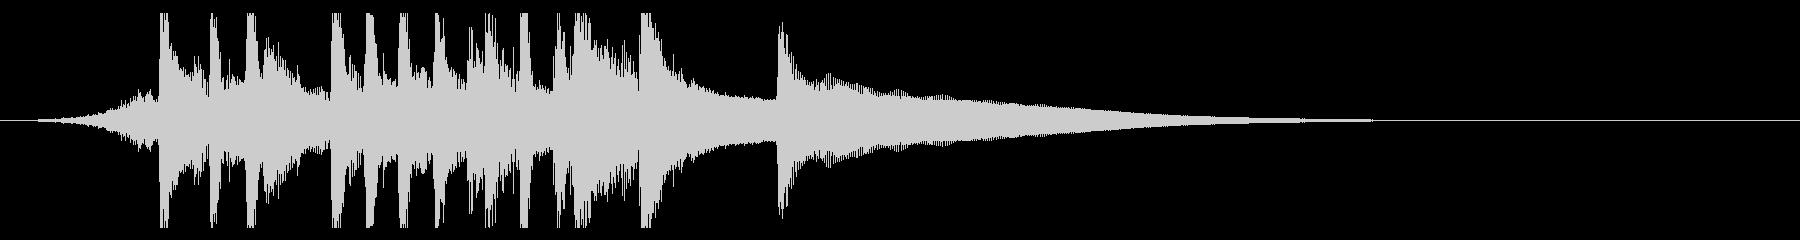 爽やかピアノジングル ほのぼのポップの未再生の波形